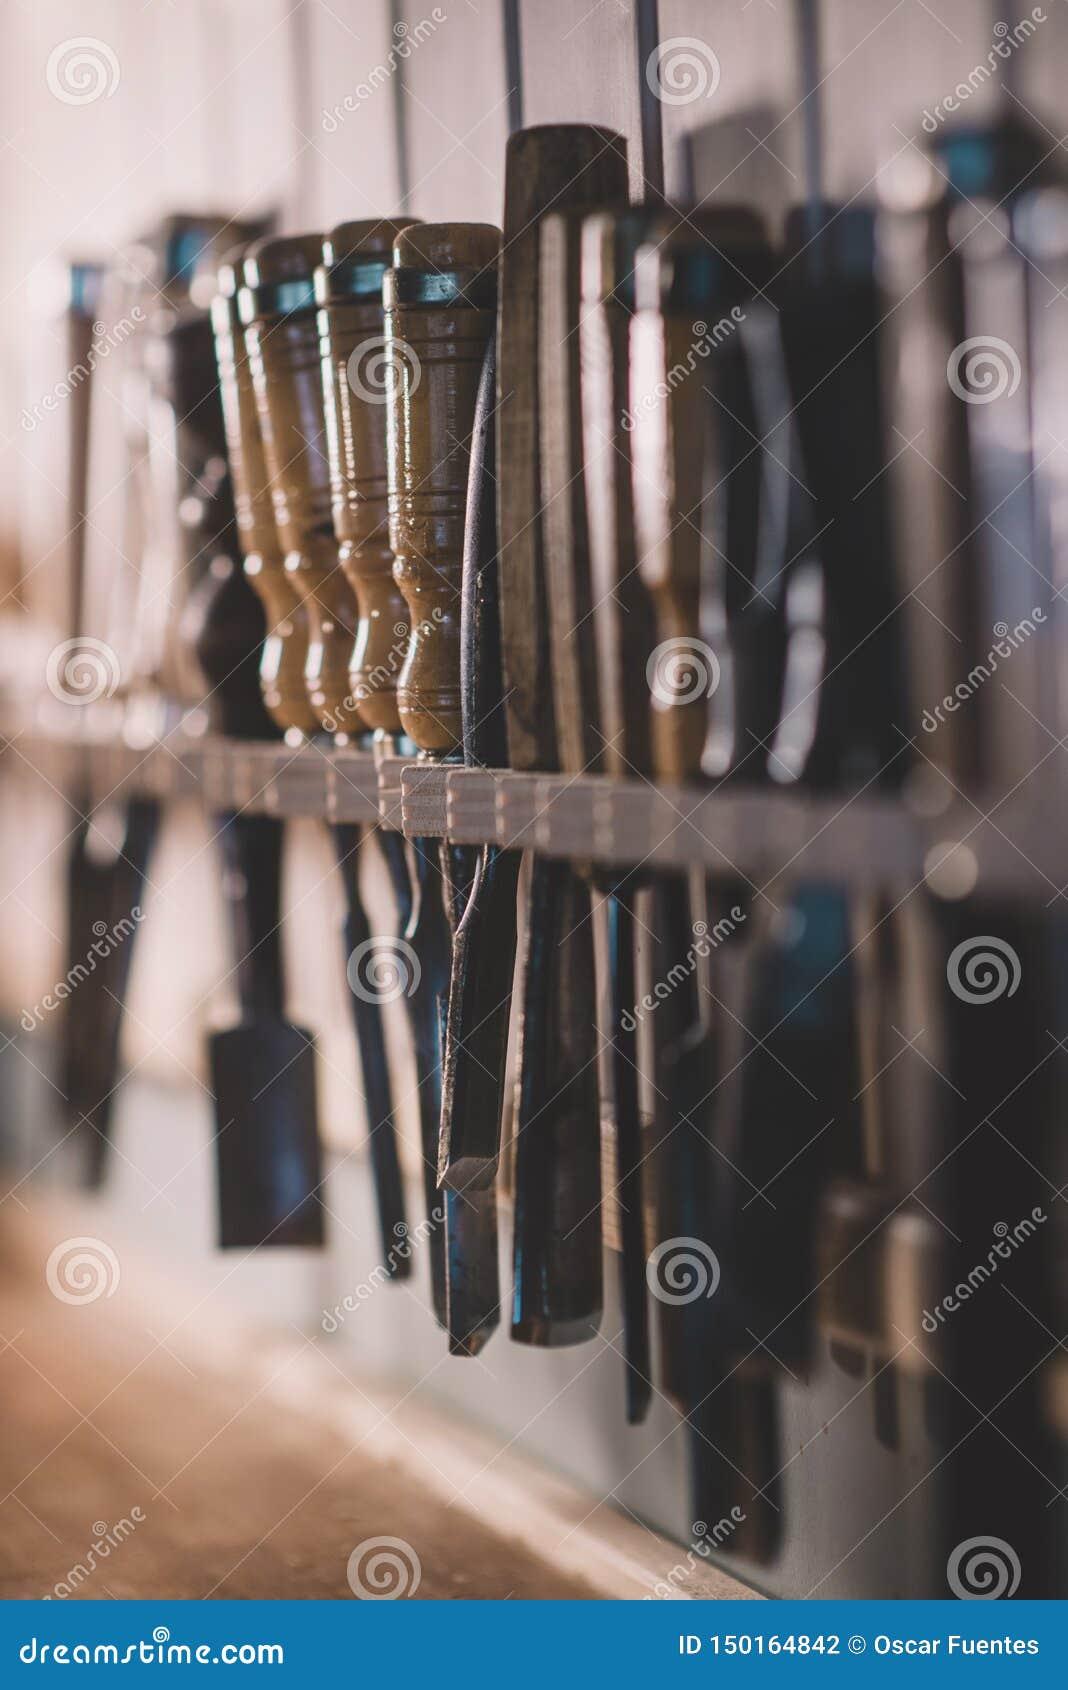 Formão para a madeira, ferramentas mais luthier para trabalhar